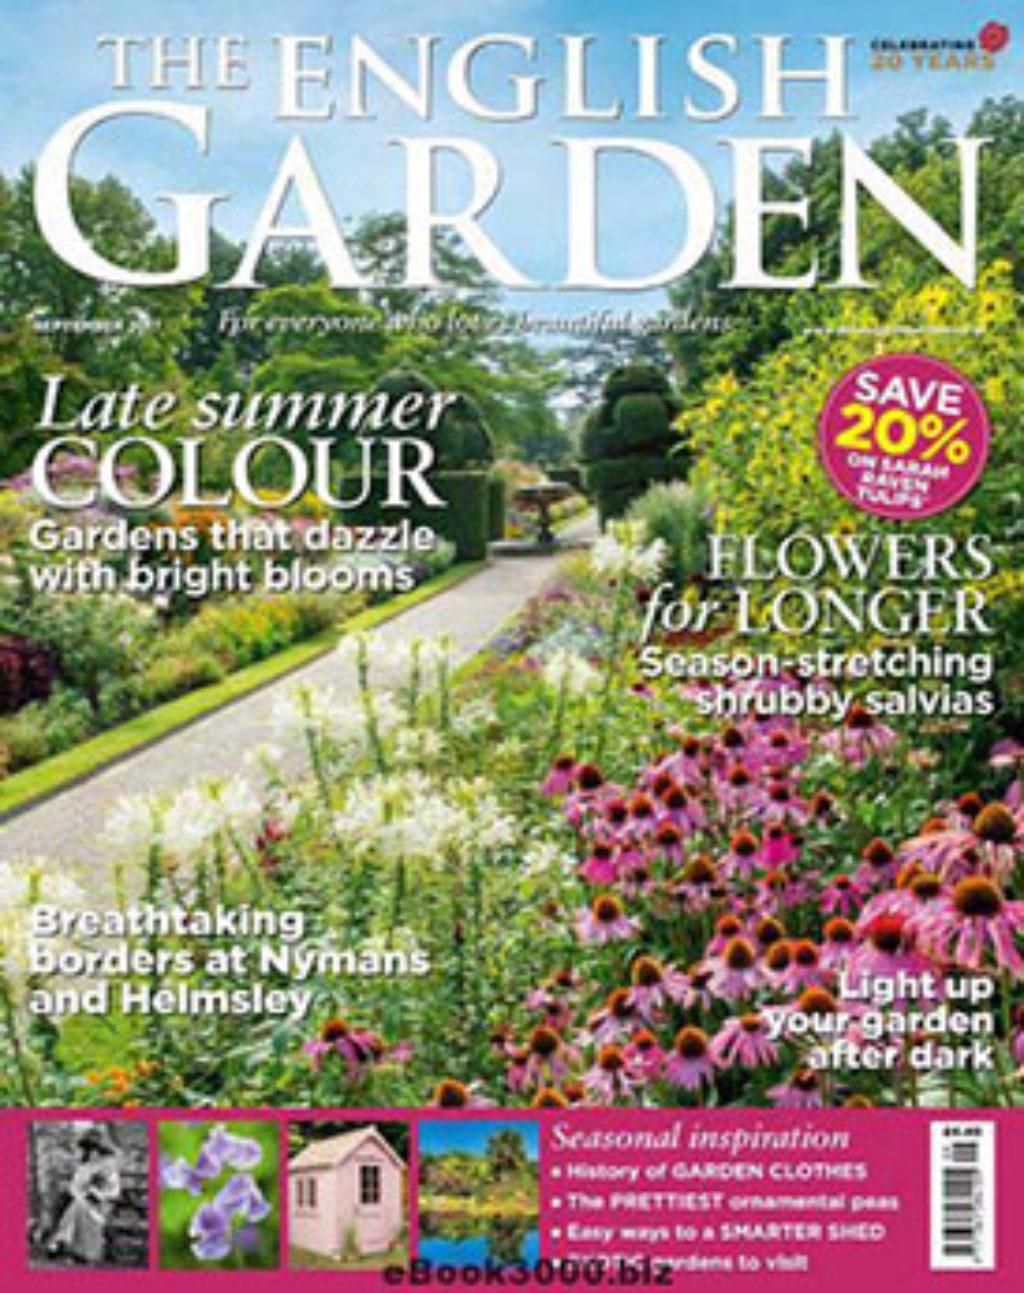 The English Garden September 2017